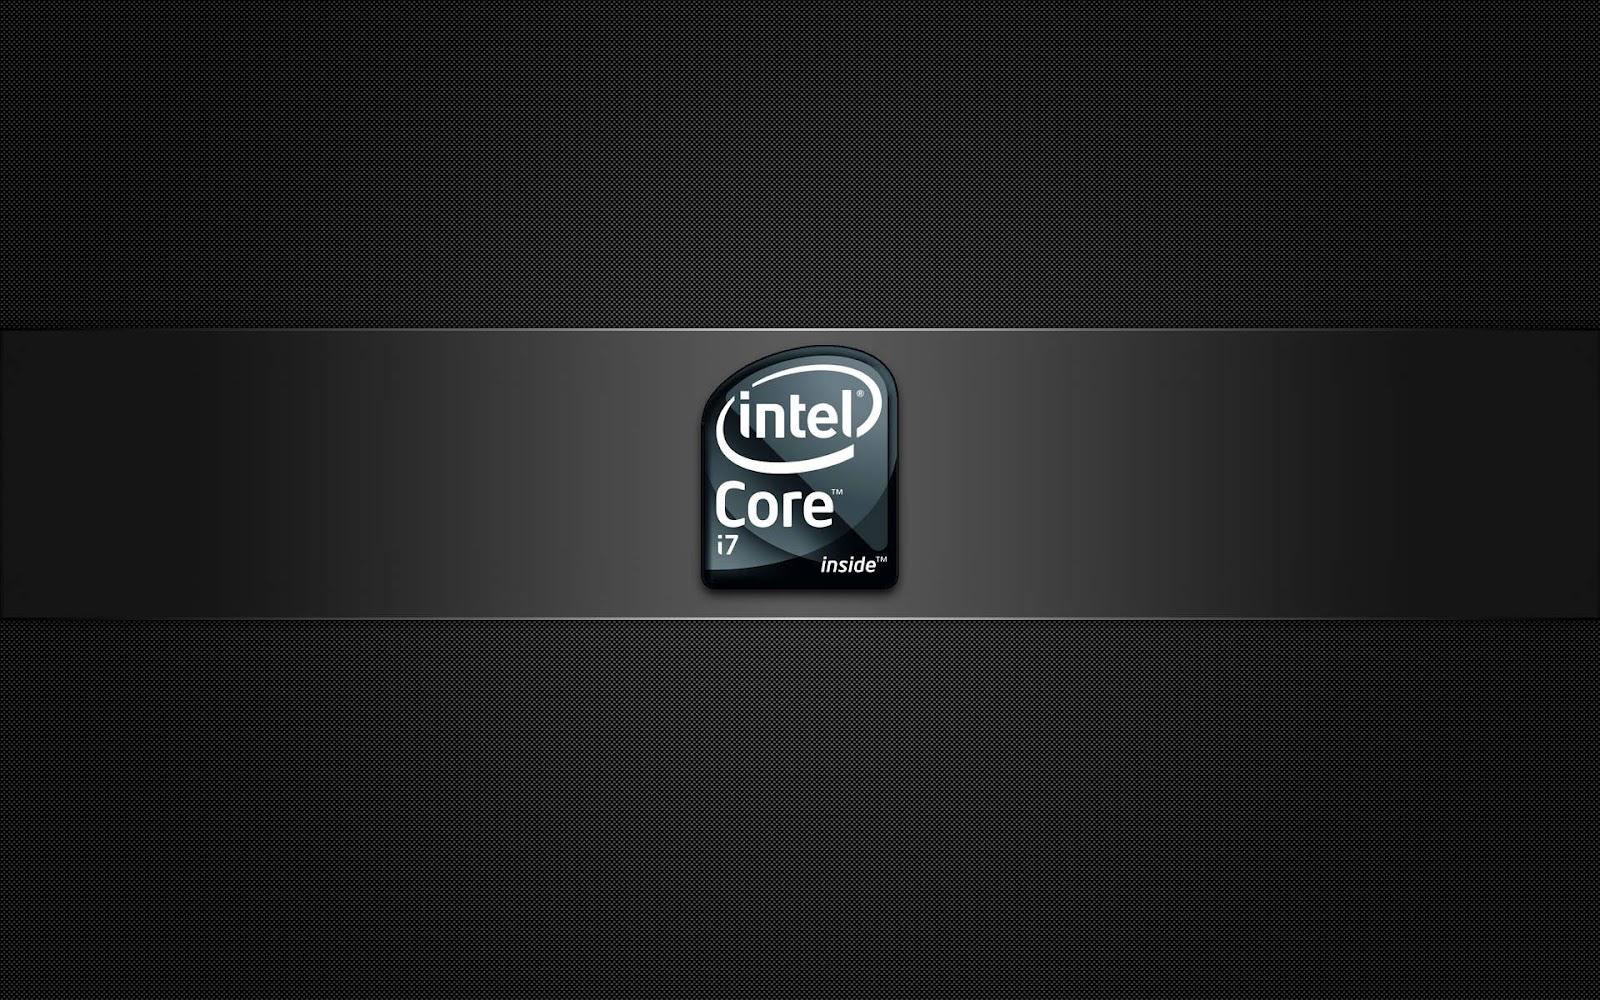 intel core i7 2600k wallpaper intel core i7 3960x wallpaper intel core 1600x1000